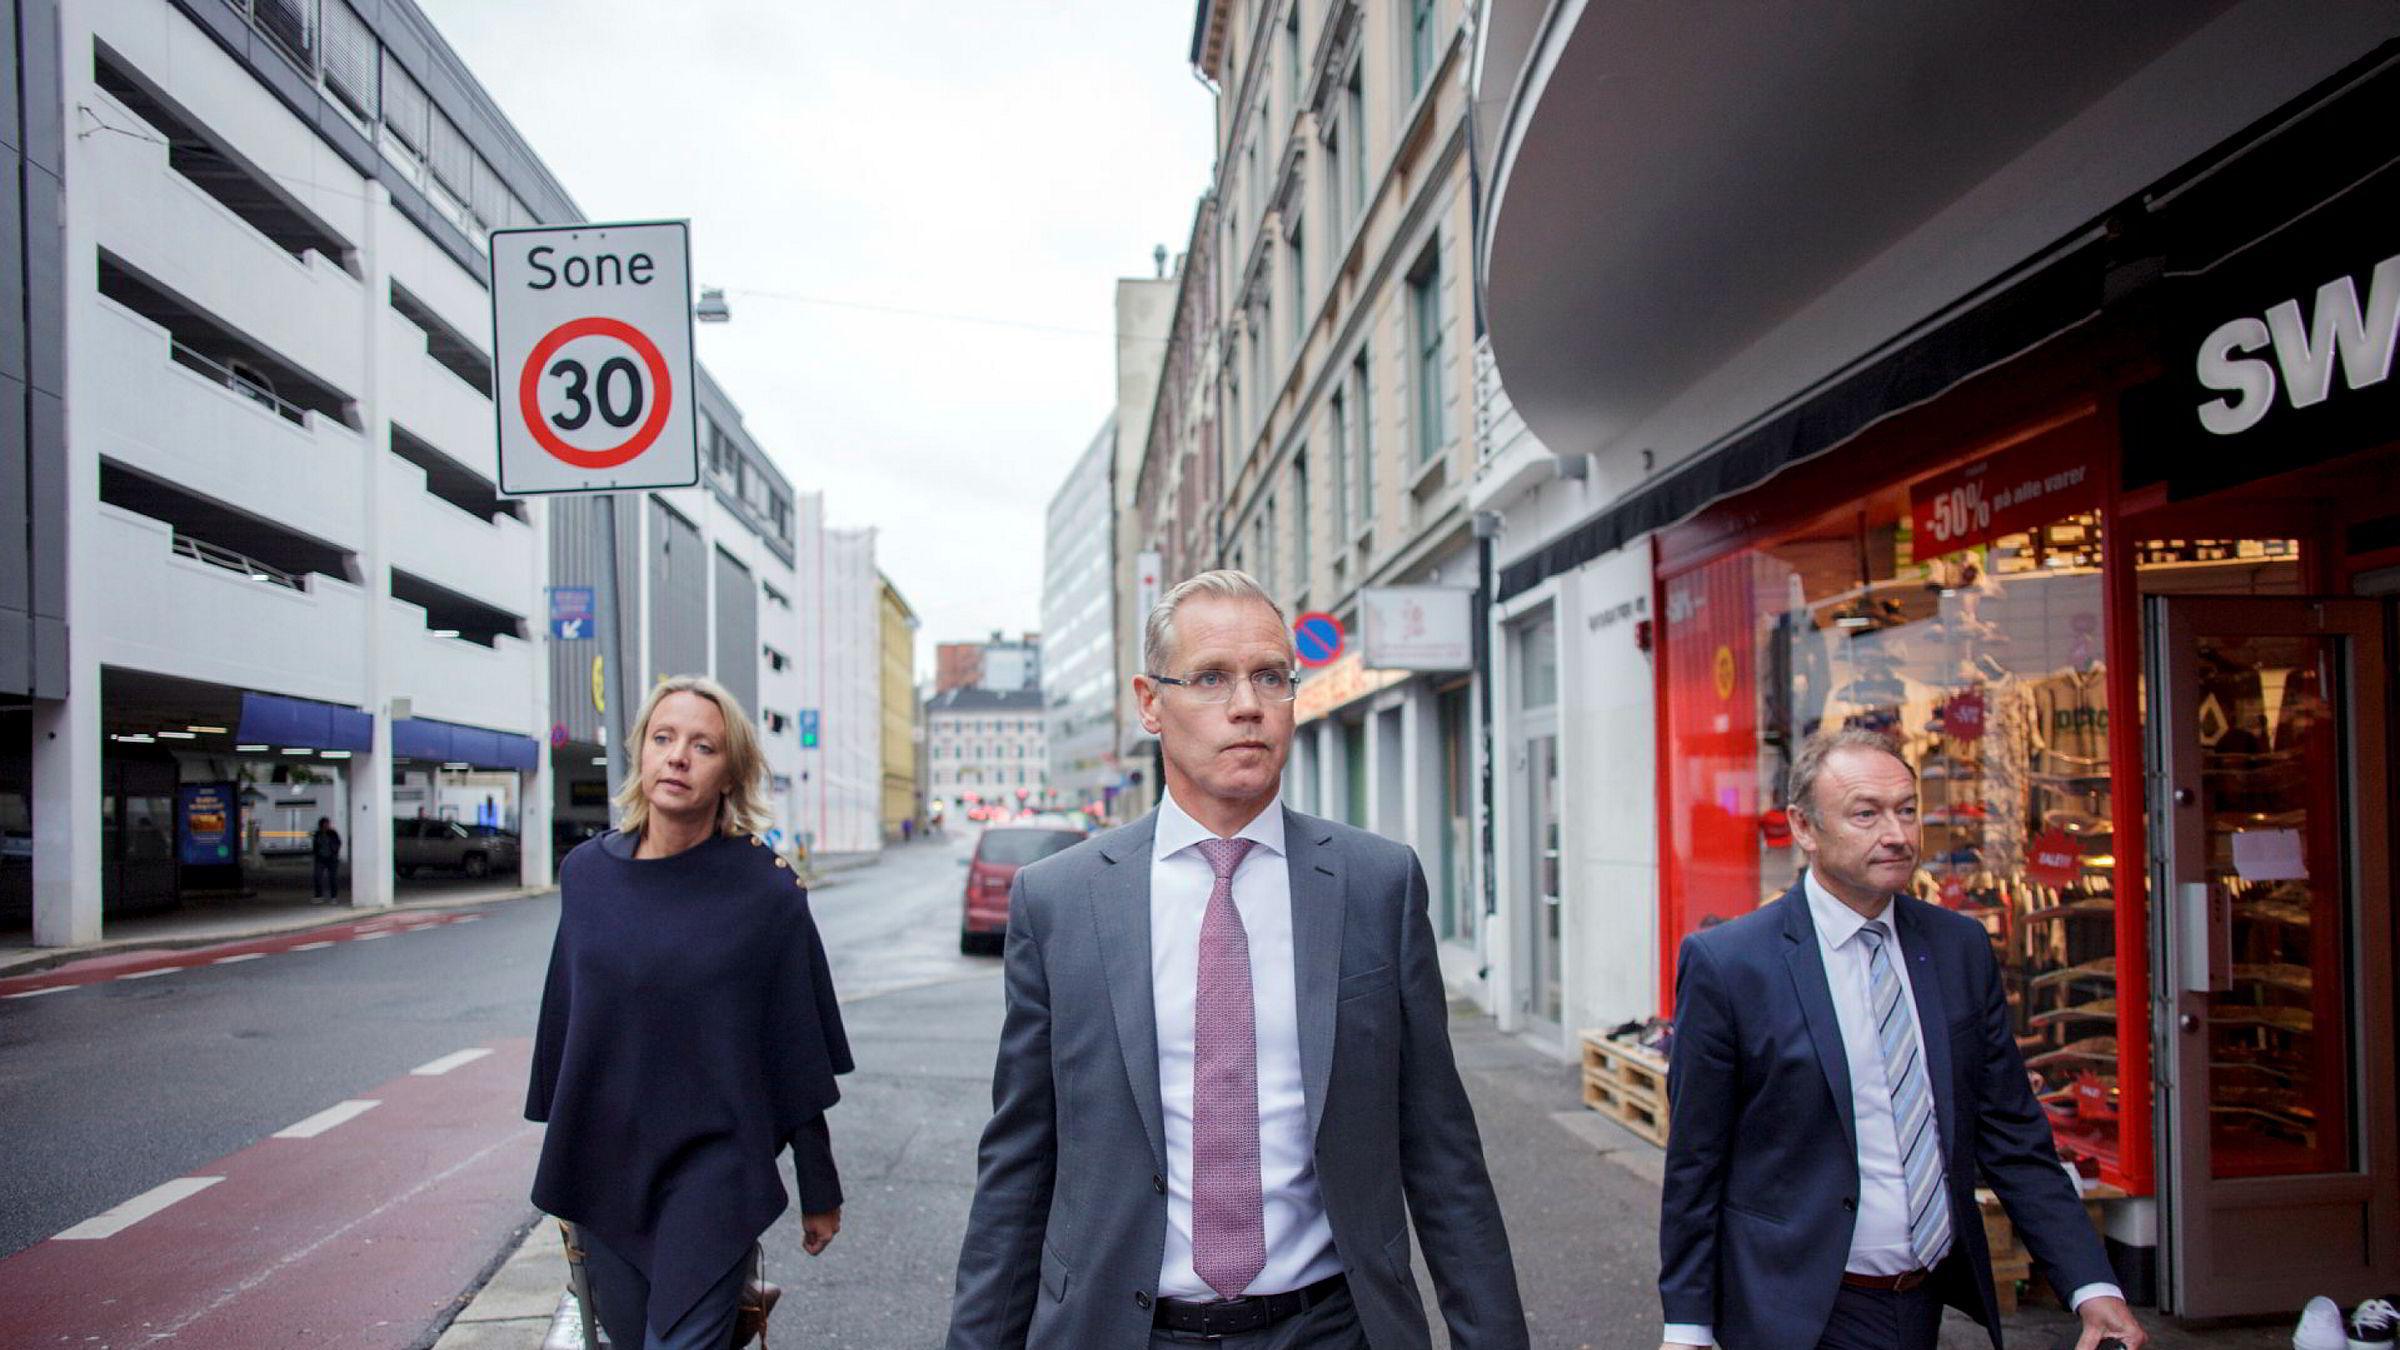 Blir ikke partene enige om en ny avtale, kan det bli streik og parkerte fly mandag morgen. – Det er bekymringsfullt, sier SAS' konsernsjef Rickard Gustafson (midten), her avbildet tirsdag med Karin Nyman, kommunikasjonsdirektør i SAS og pr-sjef Knut-Morten Johansen.